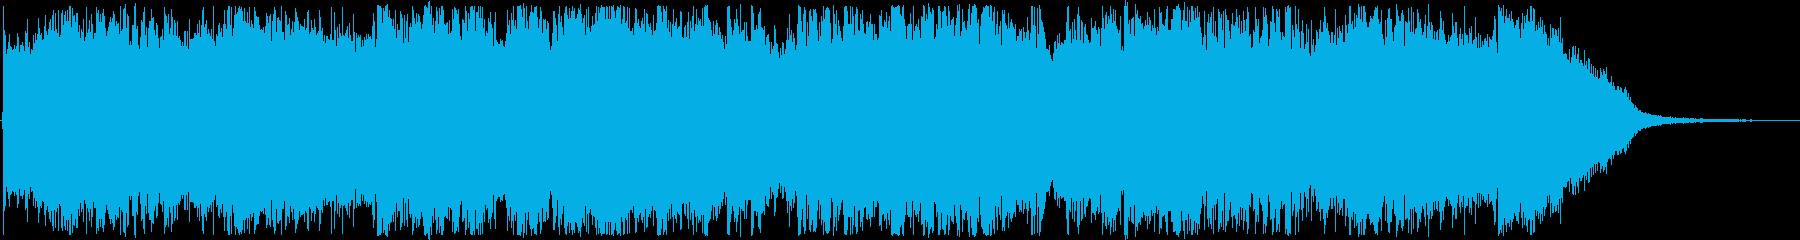 企業VP・CM・おしゃれEDMの再生済みの波形